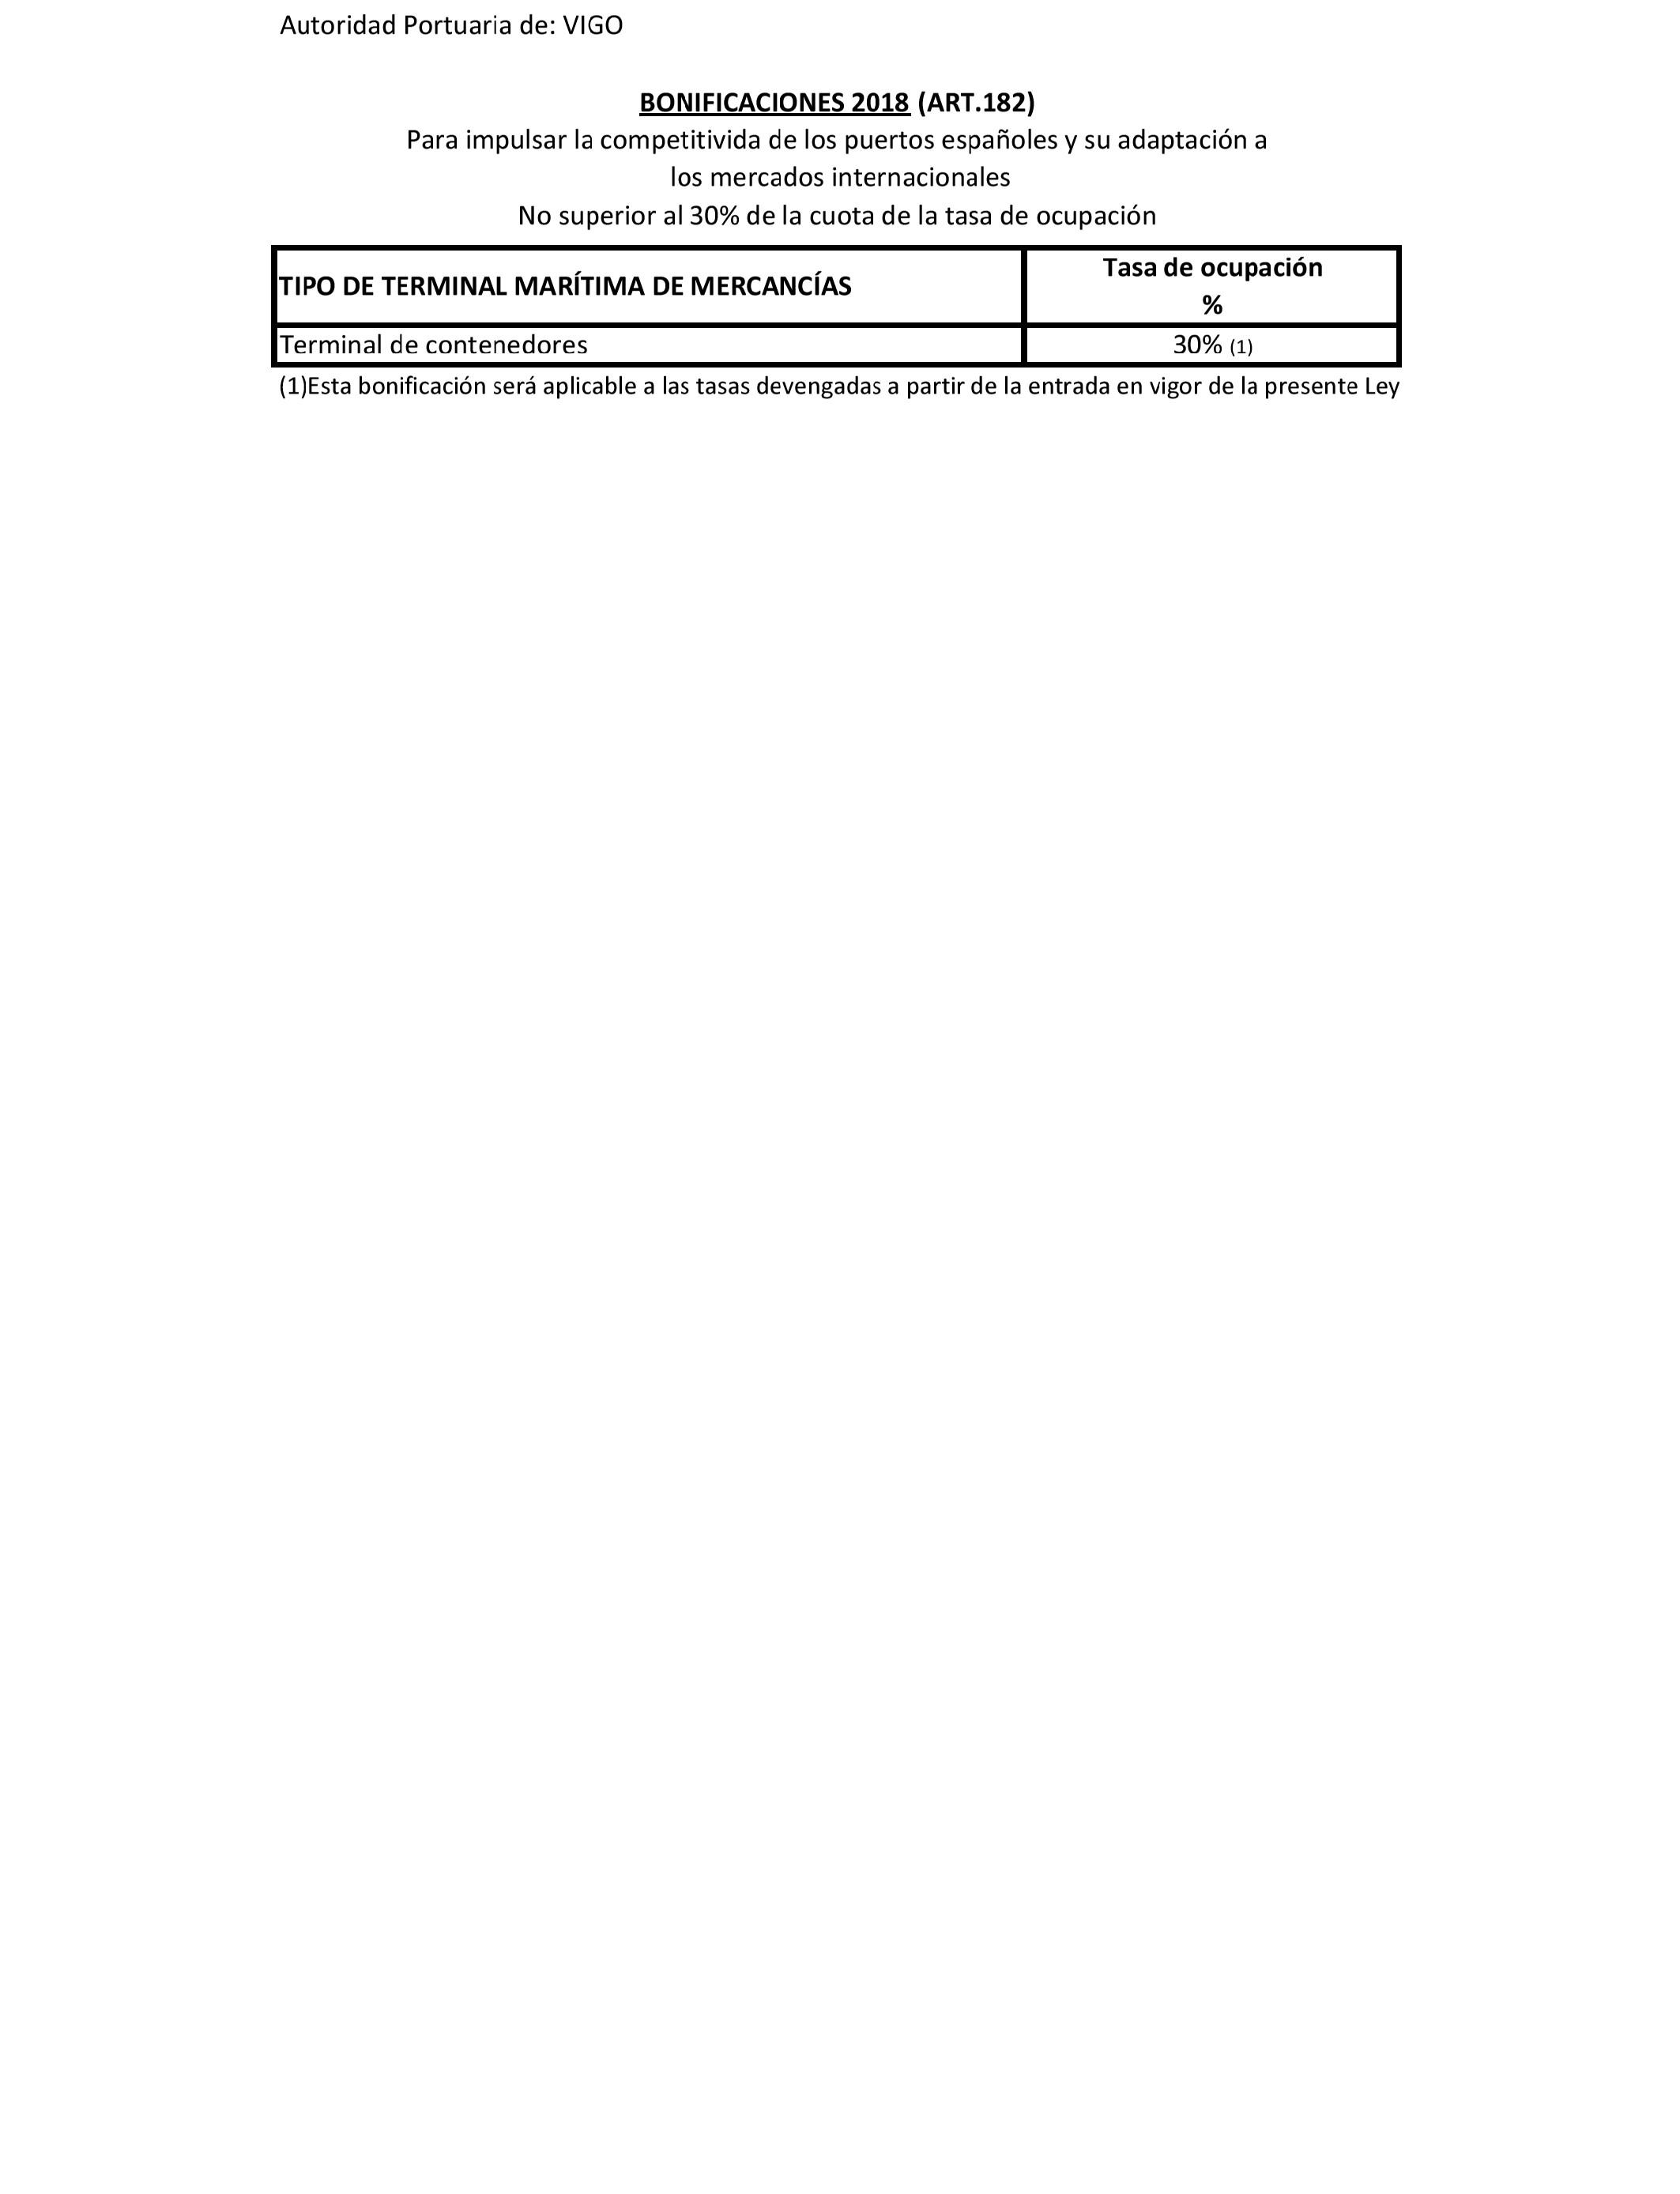 Calendario Escolar 2019 Ceuta Mejores Y Más Novedosos Boe Documento Boe A 2018 9268 Of Calendario Escolar 2019 Ceuta Más Arriba-a-fecha I Pact Agenda Escolar De 2018 A 2019 Tama±o A5 Vista De Un Da